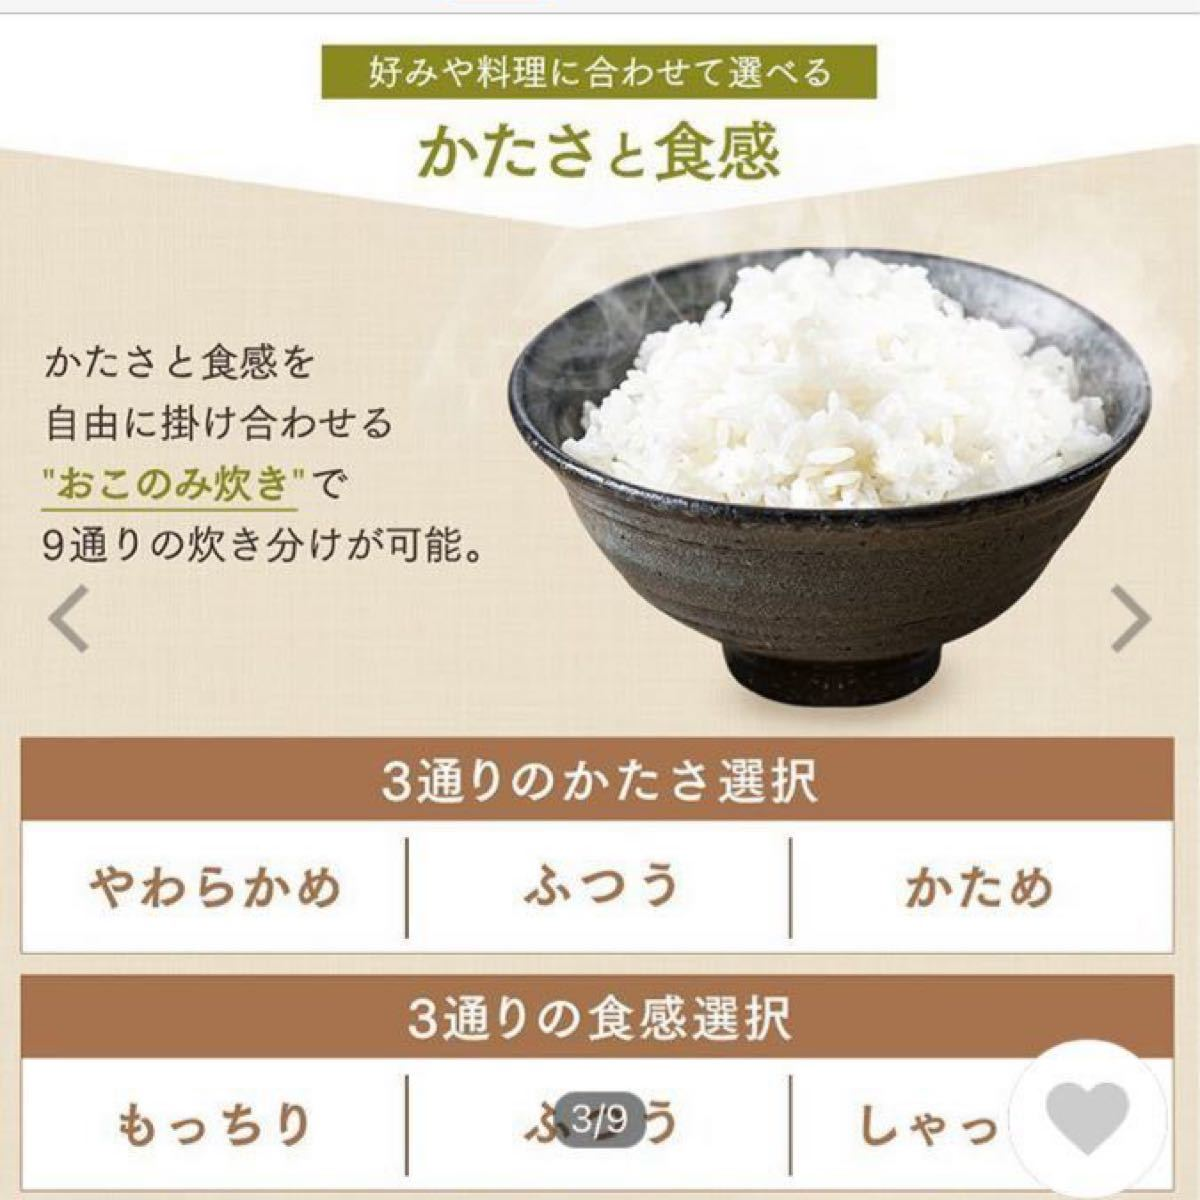 アイリスオーヤマ 炊飯器3合炊き